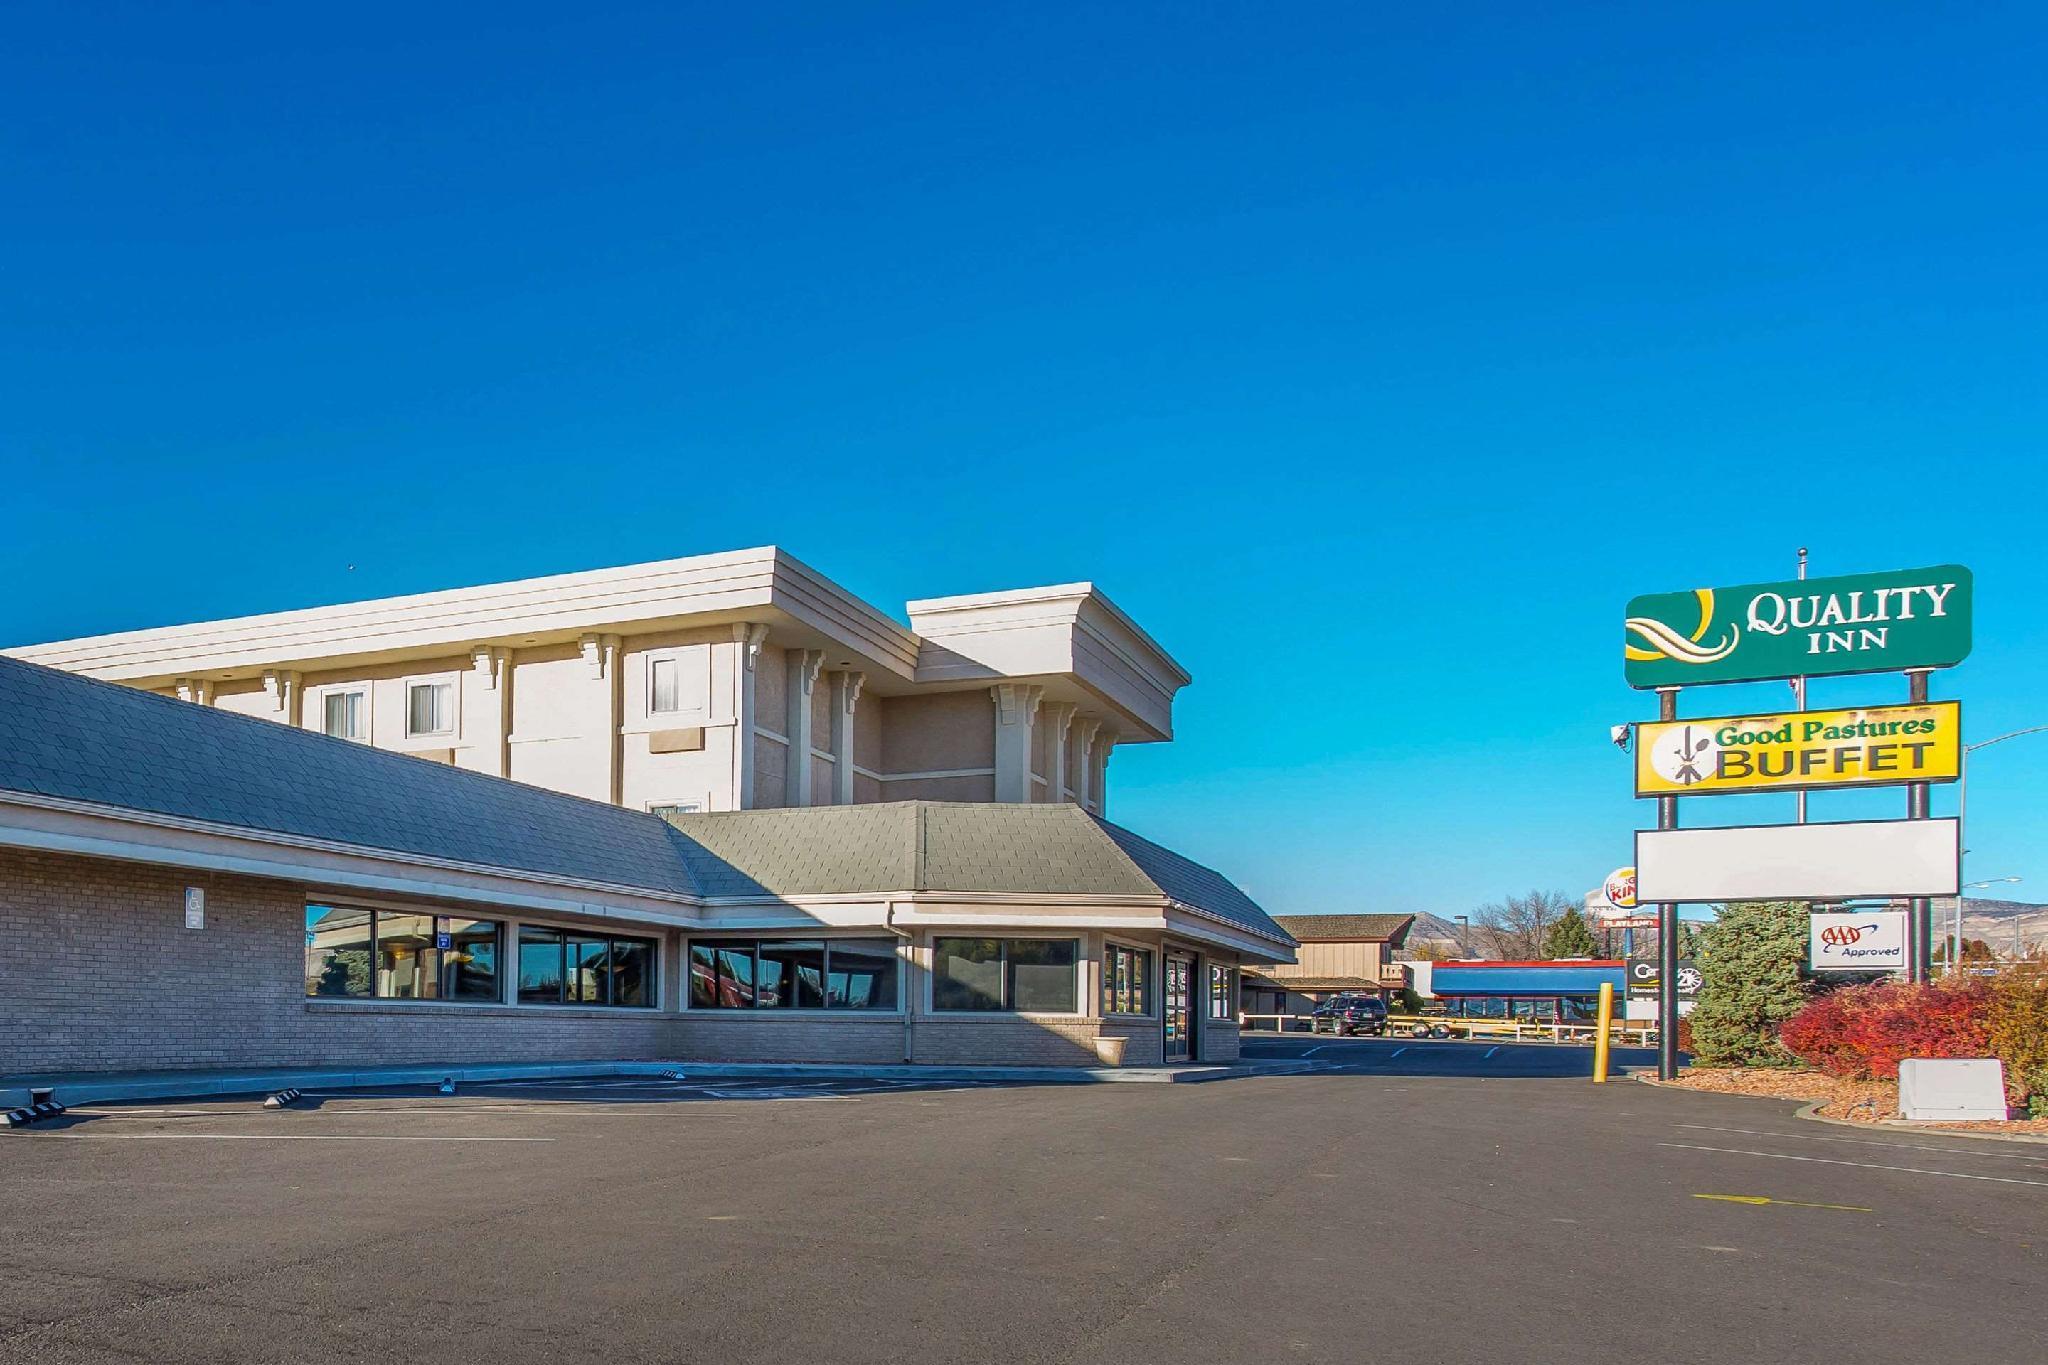 Quality Inn Grand Junction near University image